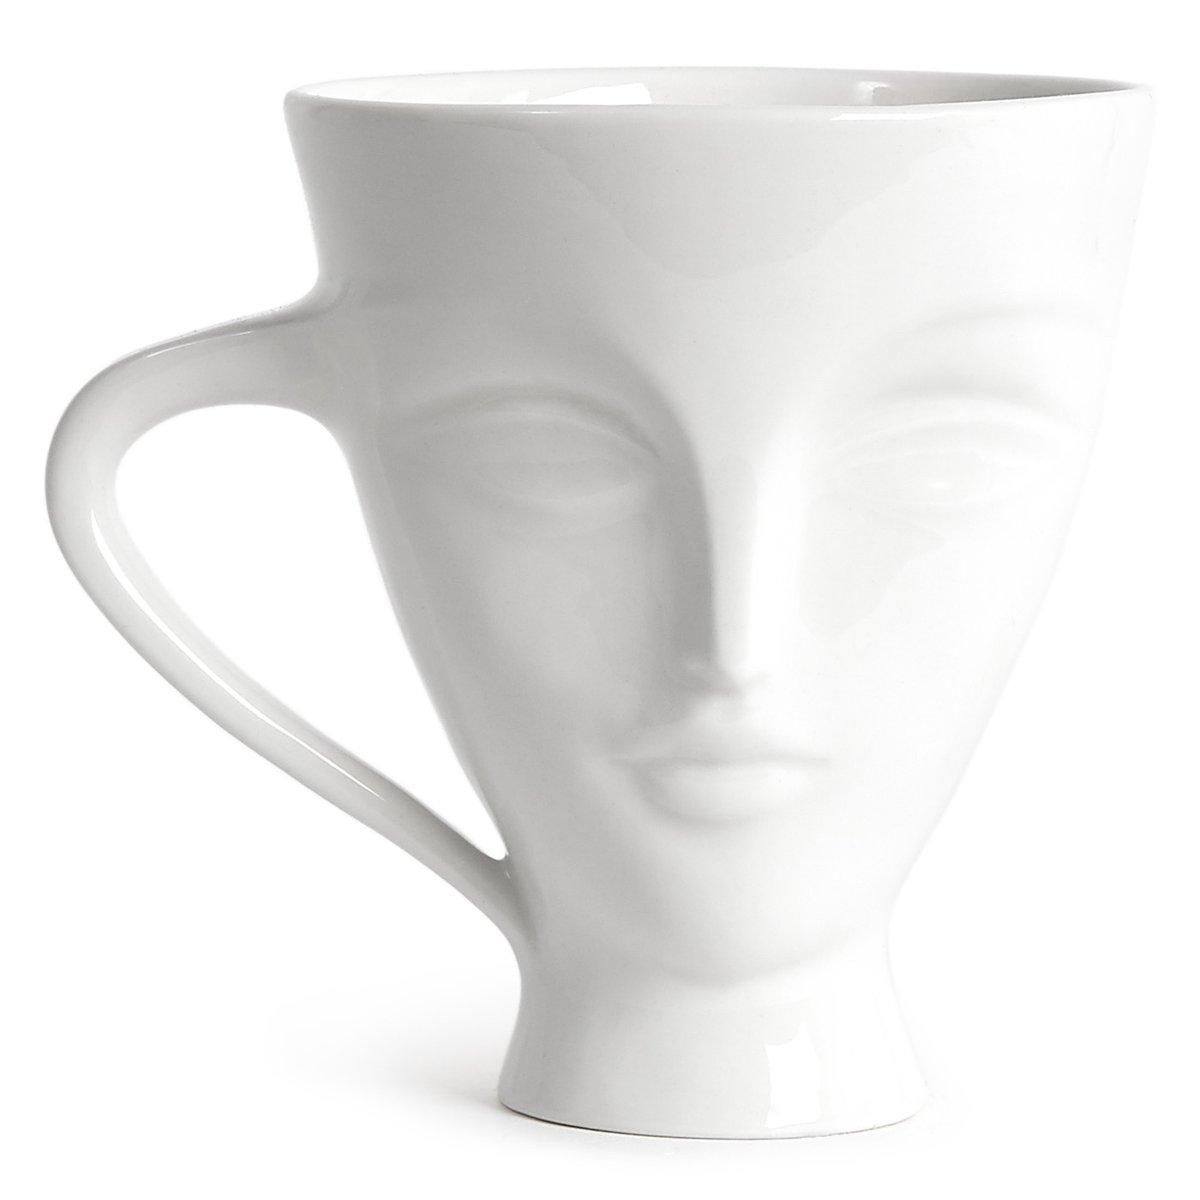 JONATHAN ADLER Giuliette Mug - White